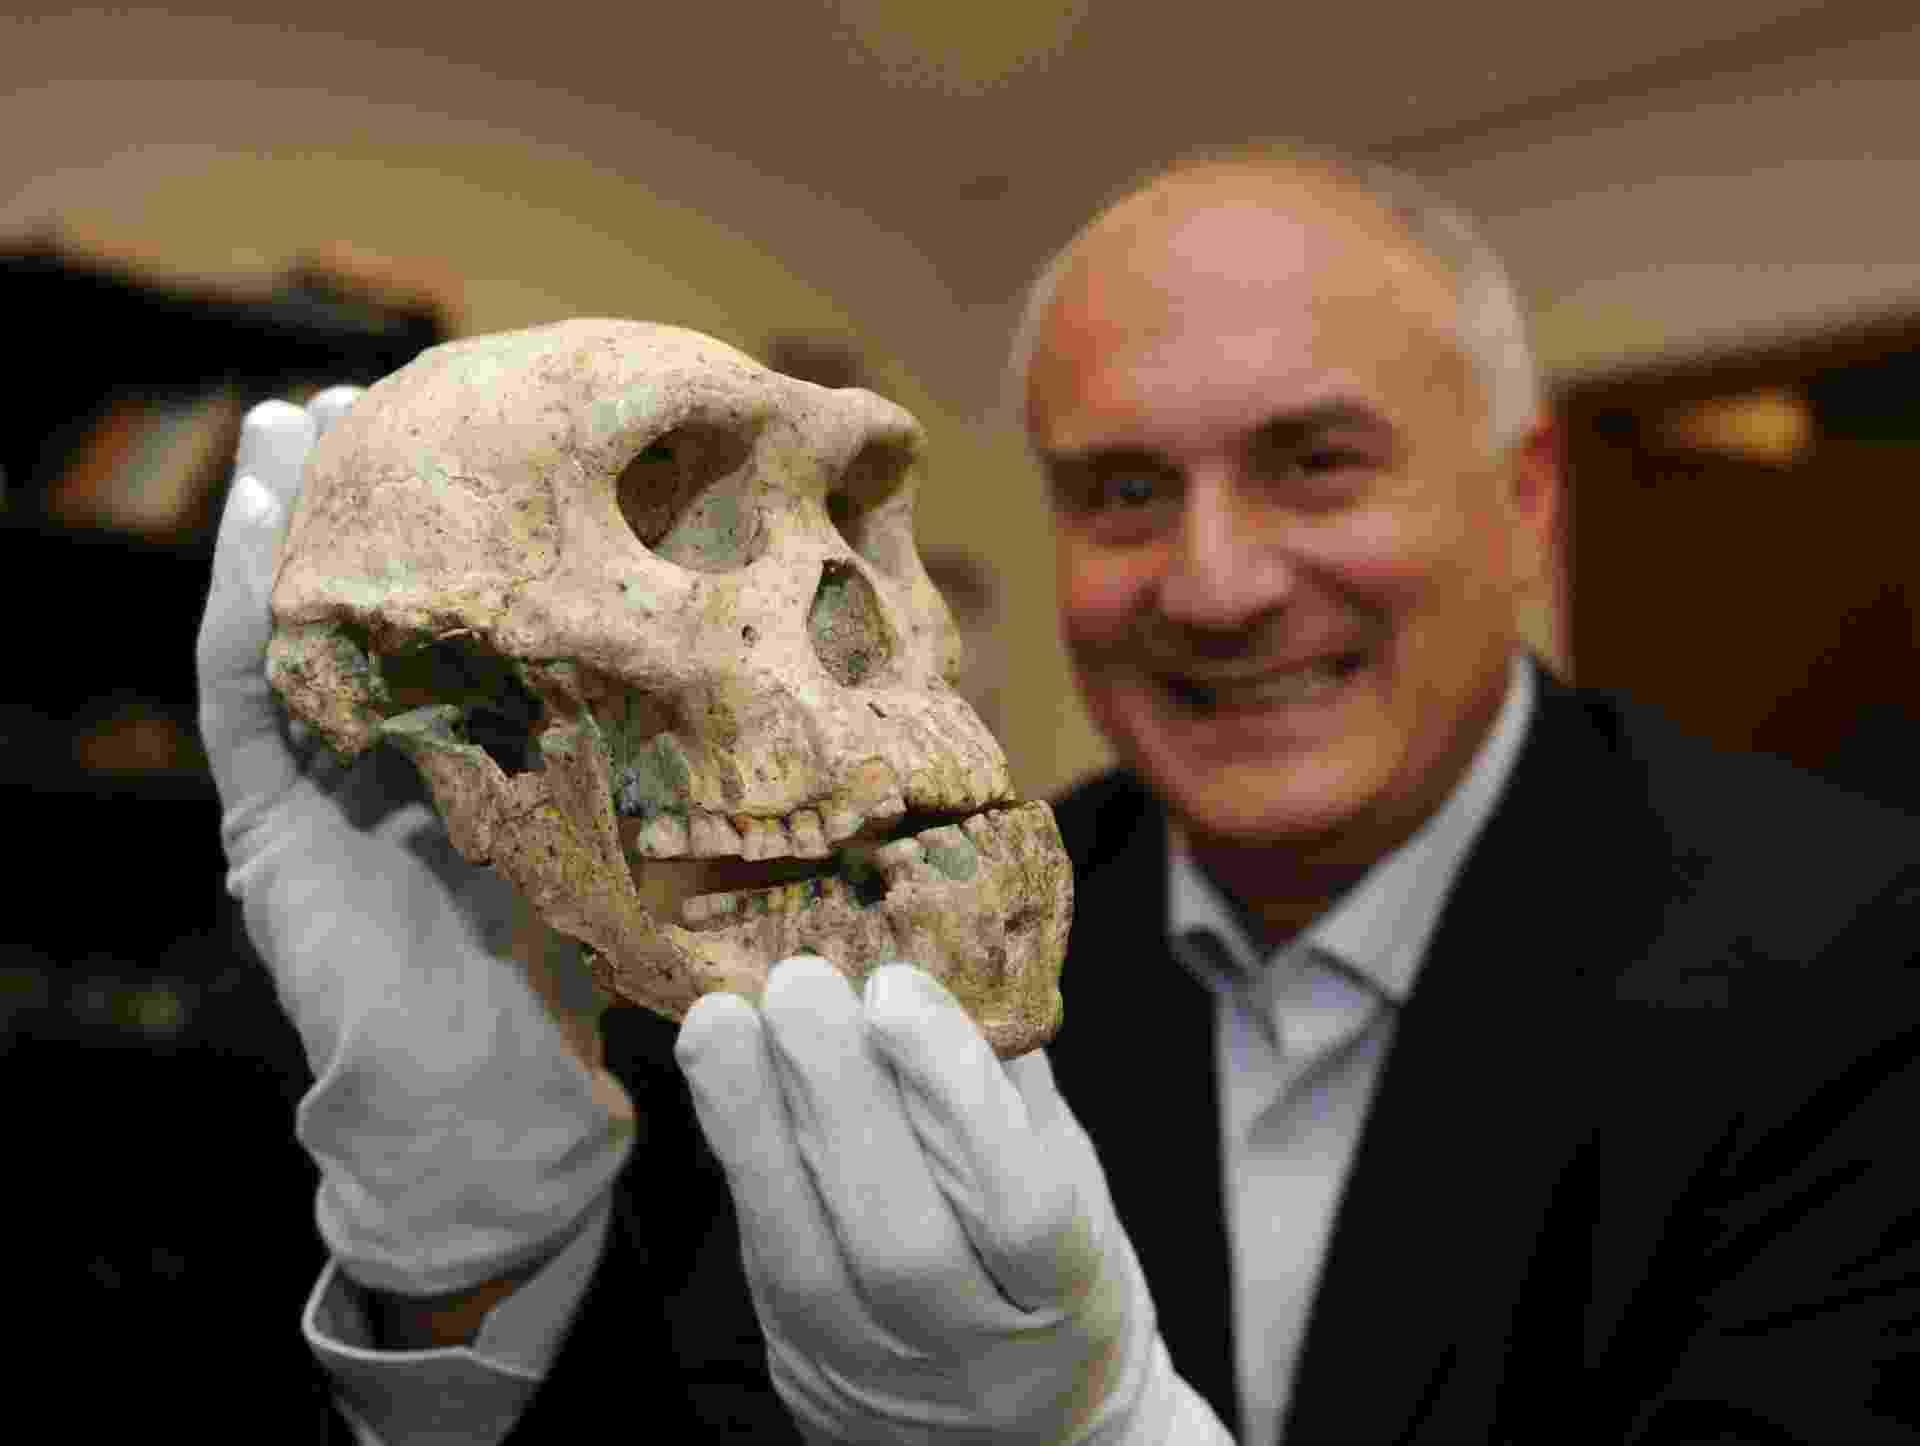 """18.out.2013 -David Lordkipanidze, diretor Museu Nacional da Geórgia, em Tbilisi, exibe o """"crânio 5"""", de 1,8 milhão de anos, que combina características nunca observadas no mesmo ser primitivo até então. Descoberto em 2005 no sítio arqueológico de Dmanisi, o fóssil é uma nova evidência de que o antepassado do ser humano pertenceu a uma única espécie com muitos aspectos diferentes - Vano Shlamov/AFP"""